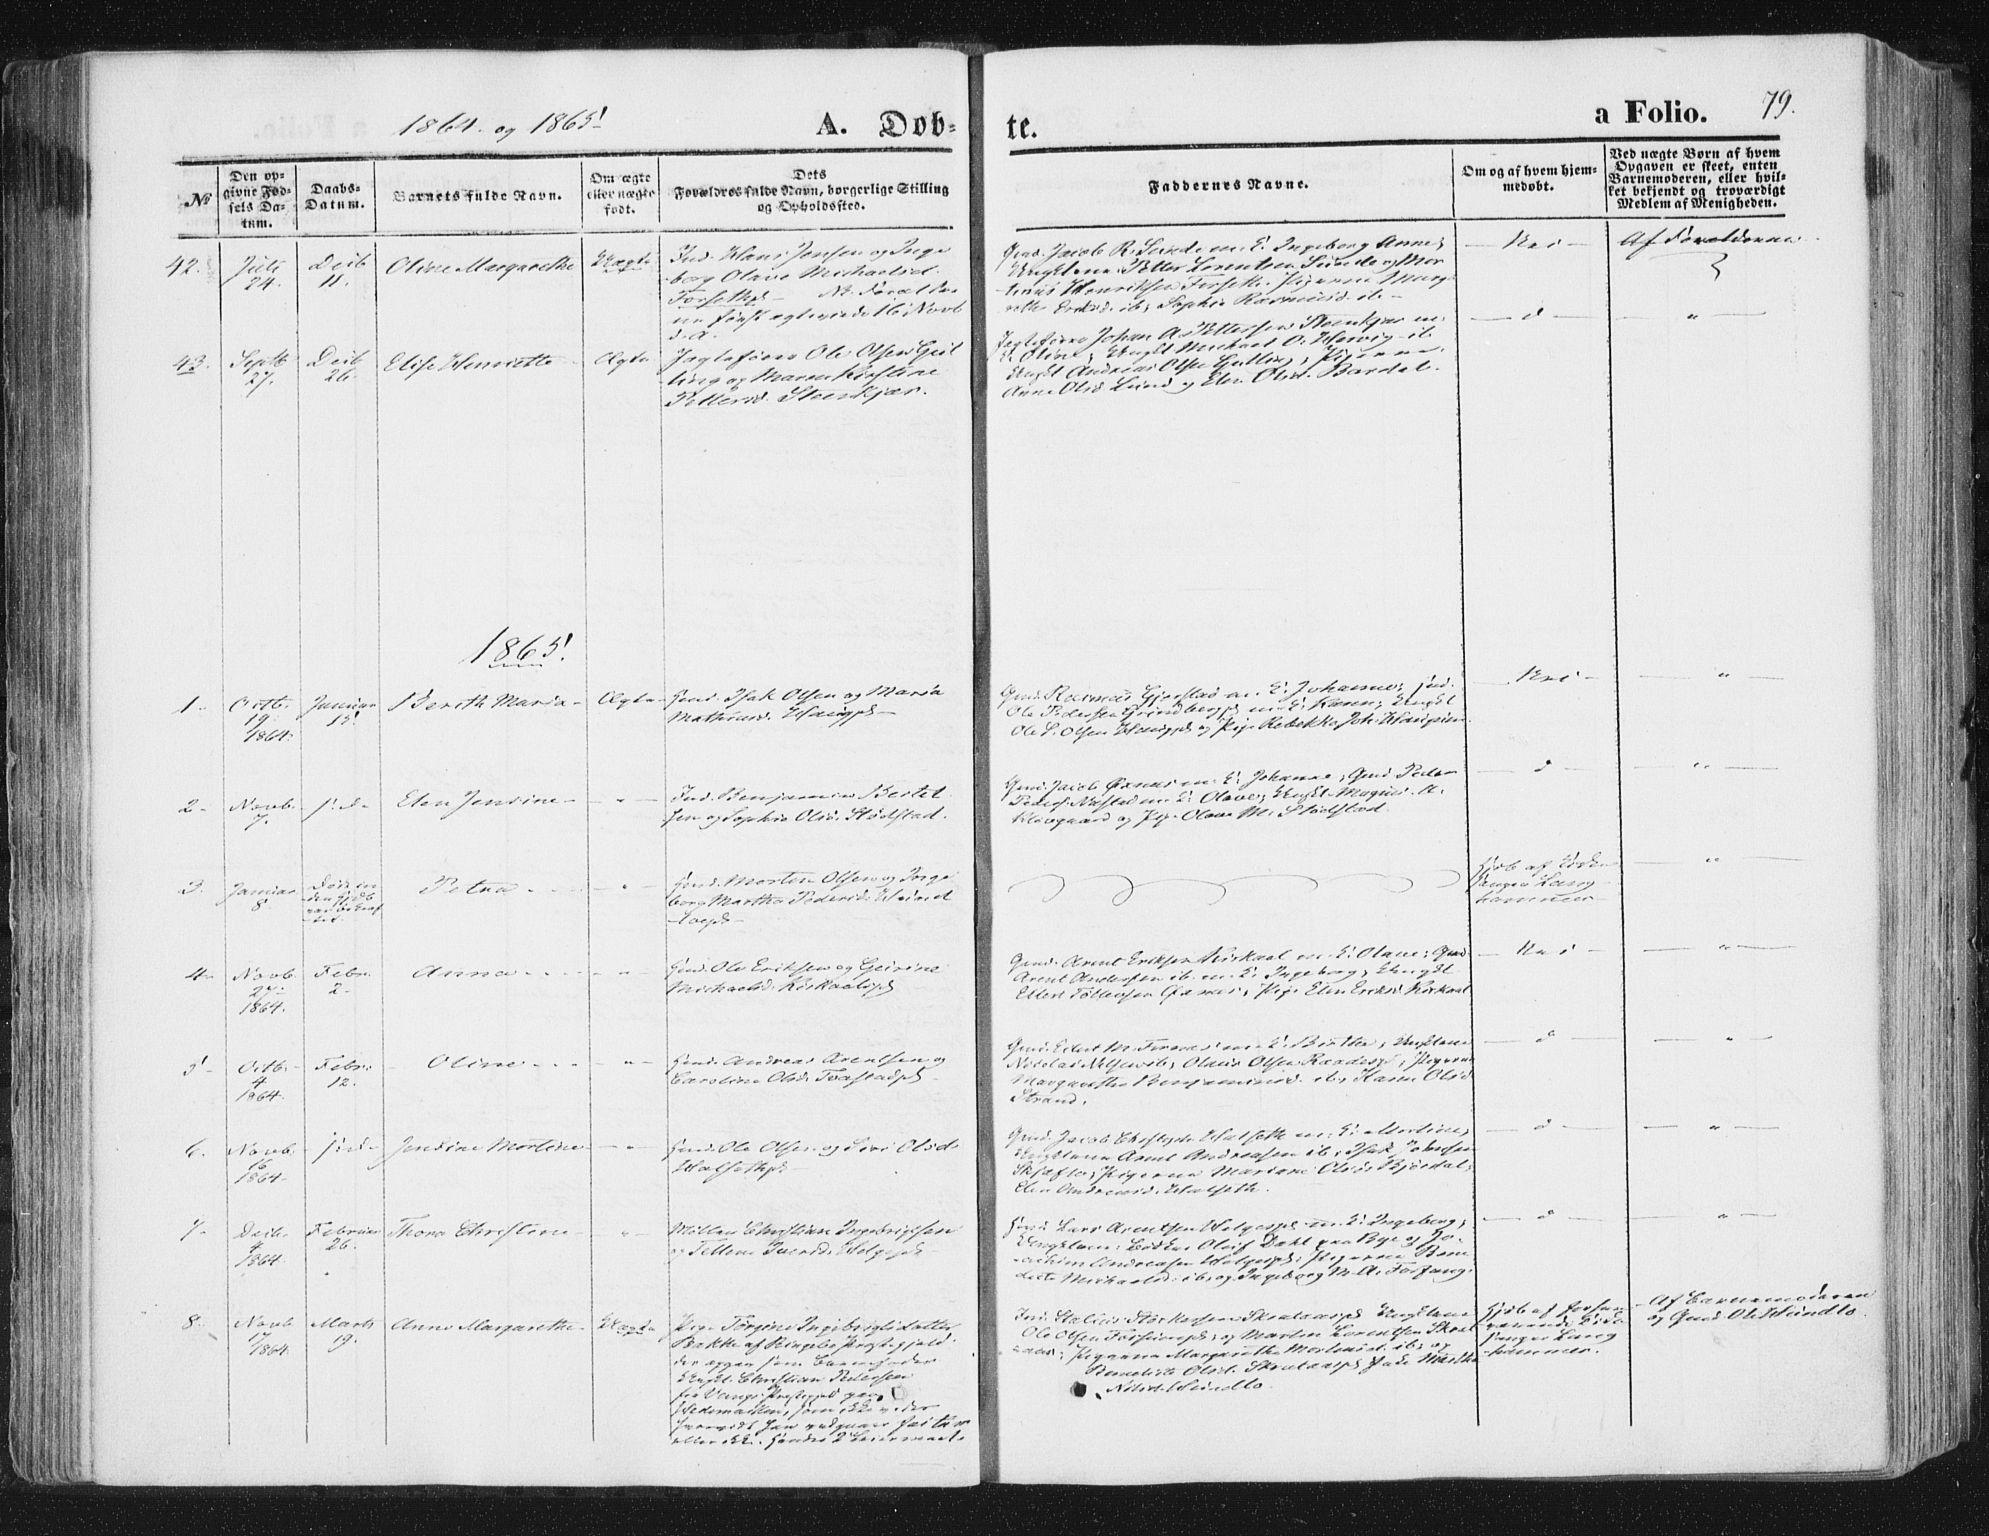 SAT, Ministerialprotokoller, klokkerbøker og fødselsregistre - Nord-Trøndelag, 746/L0447: Ministerialbok nr. 746A06, 1860-1877, s. 79